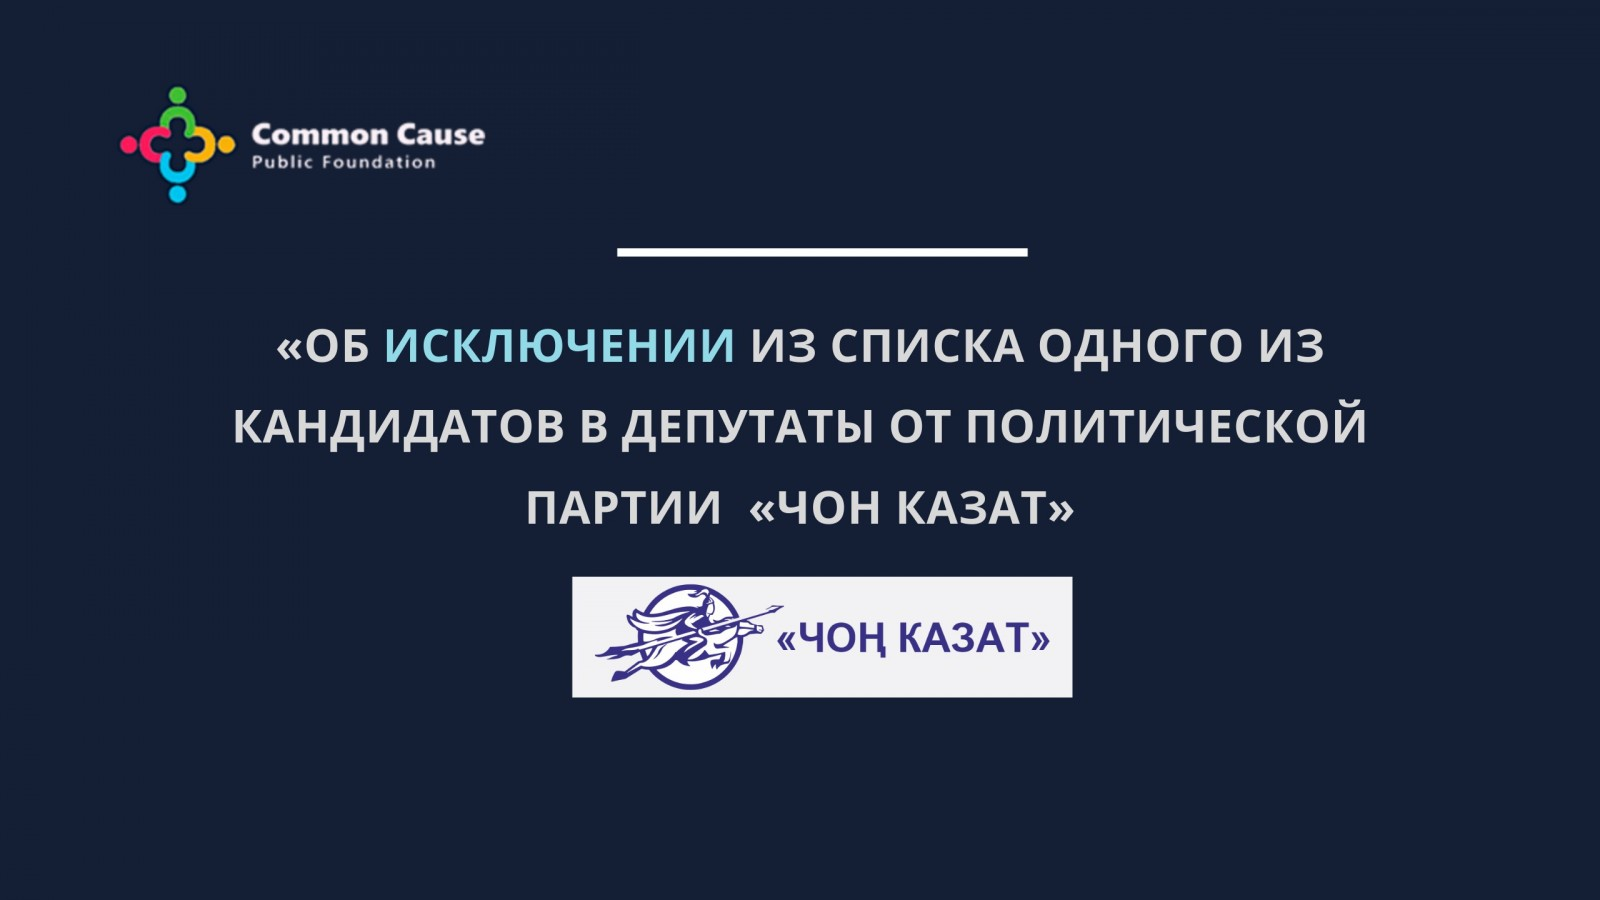 Об исключении из списка одного из кандидатов в депутаты от политической партии «Чон казат»